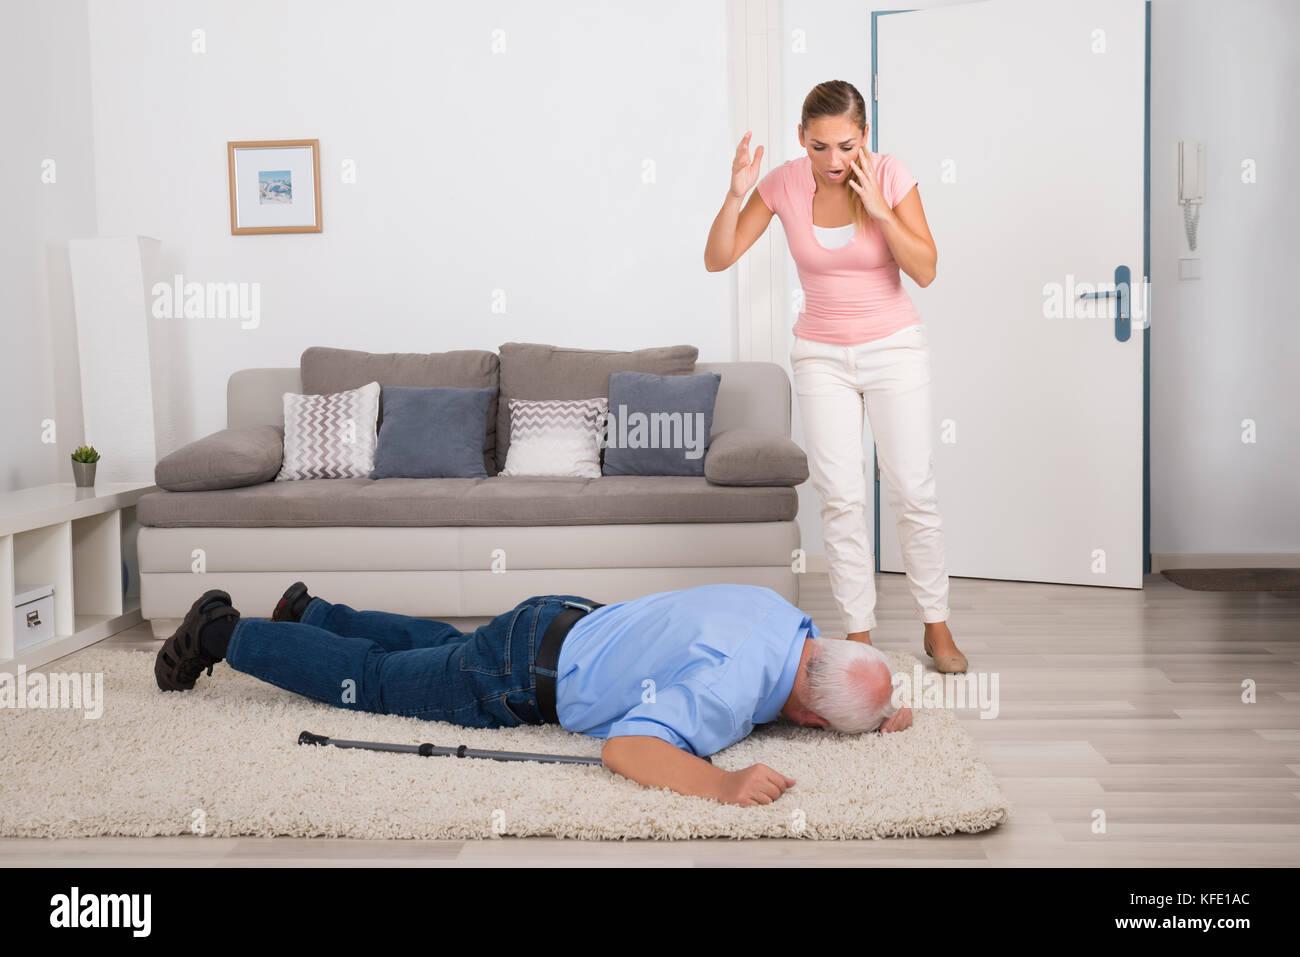 Так трахнули что потеряла сознание онлайн, Оргазм До потери сознания -видео. Смотреть 14 фотография